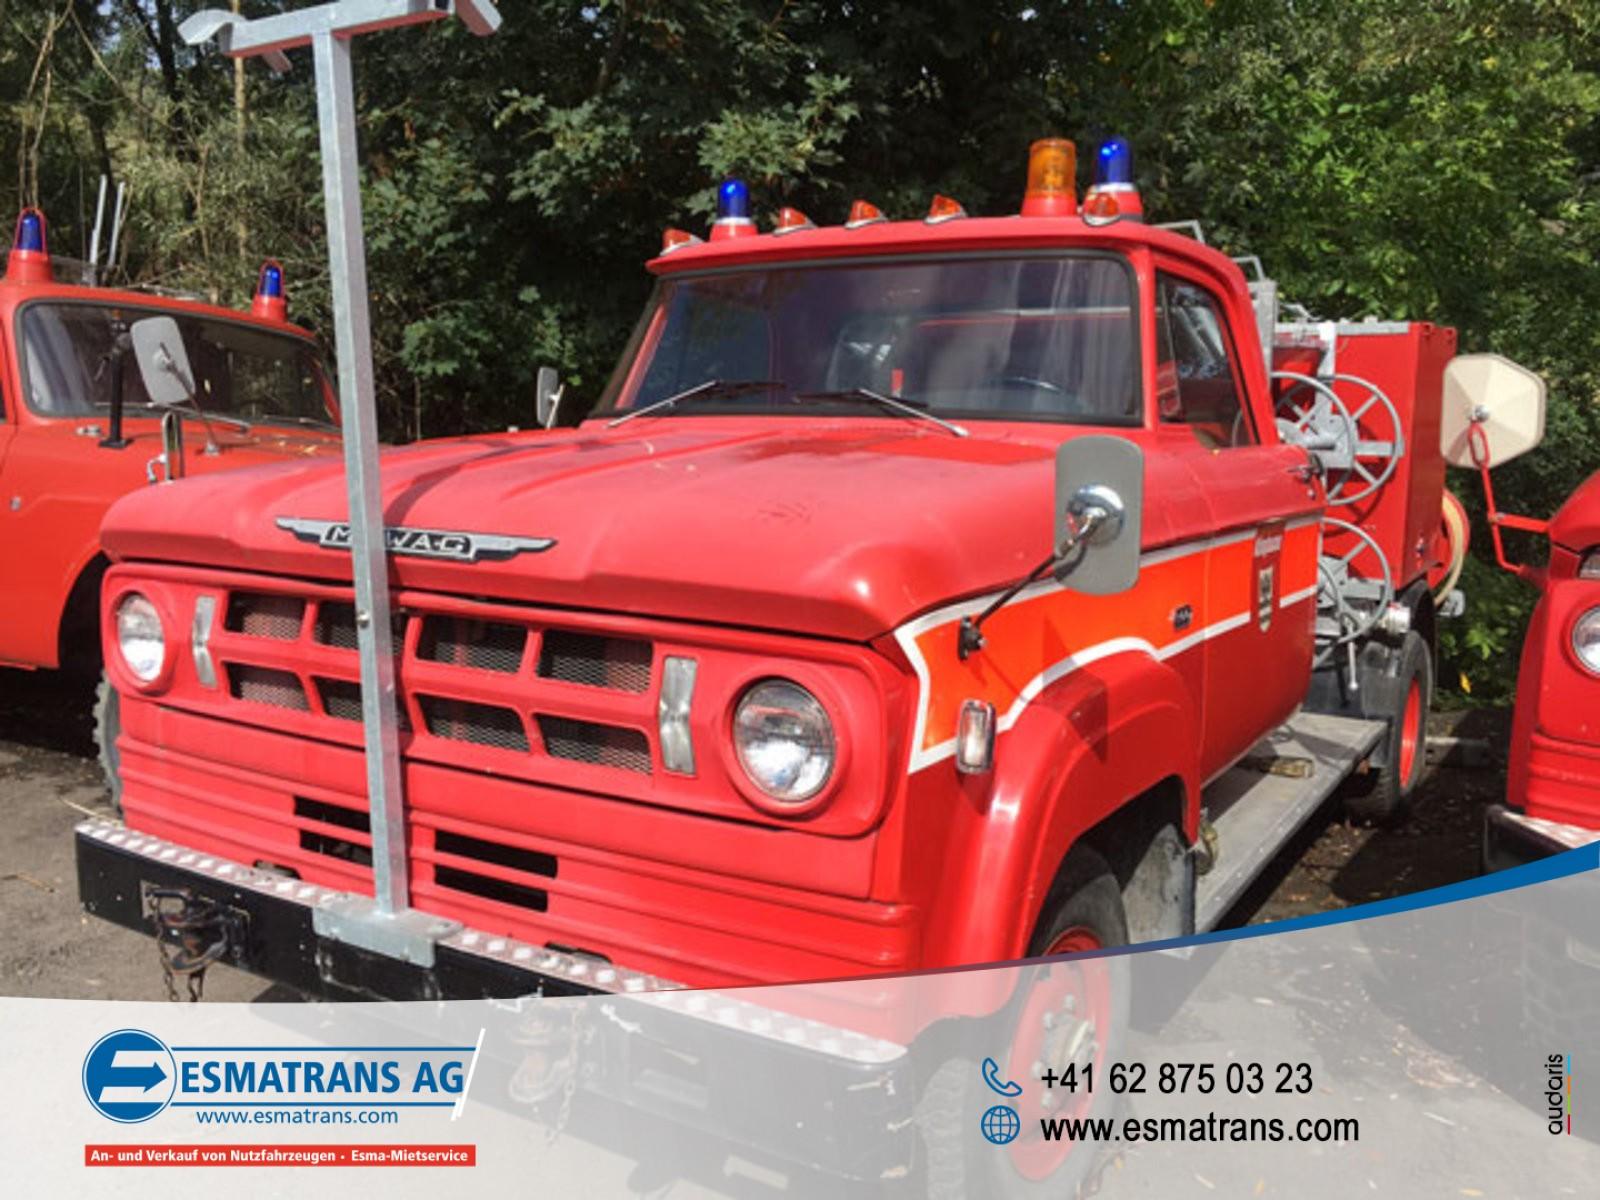 FRAN6306_882754 vehicle image